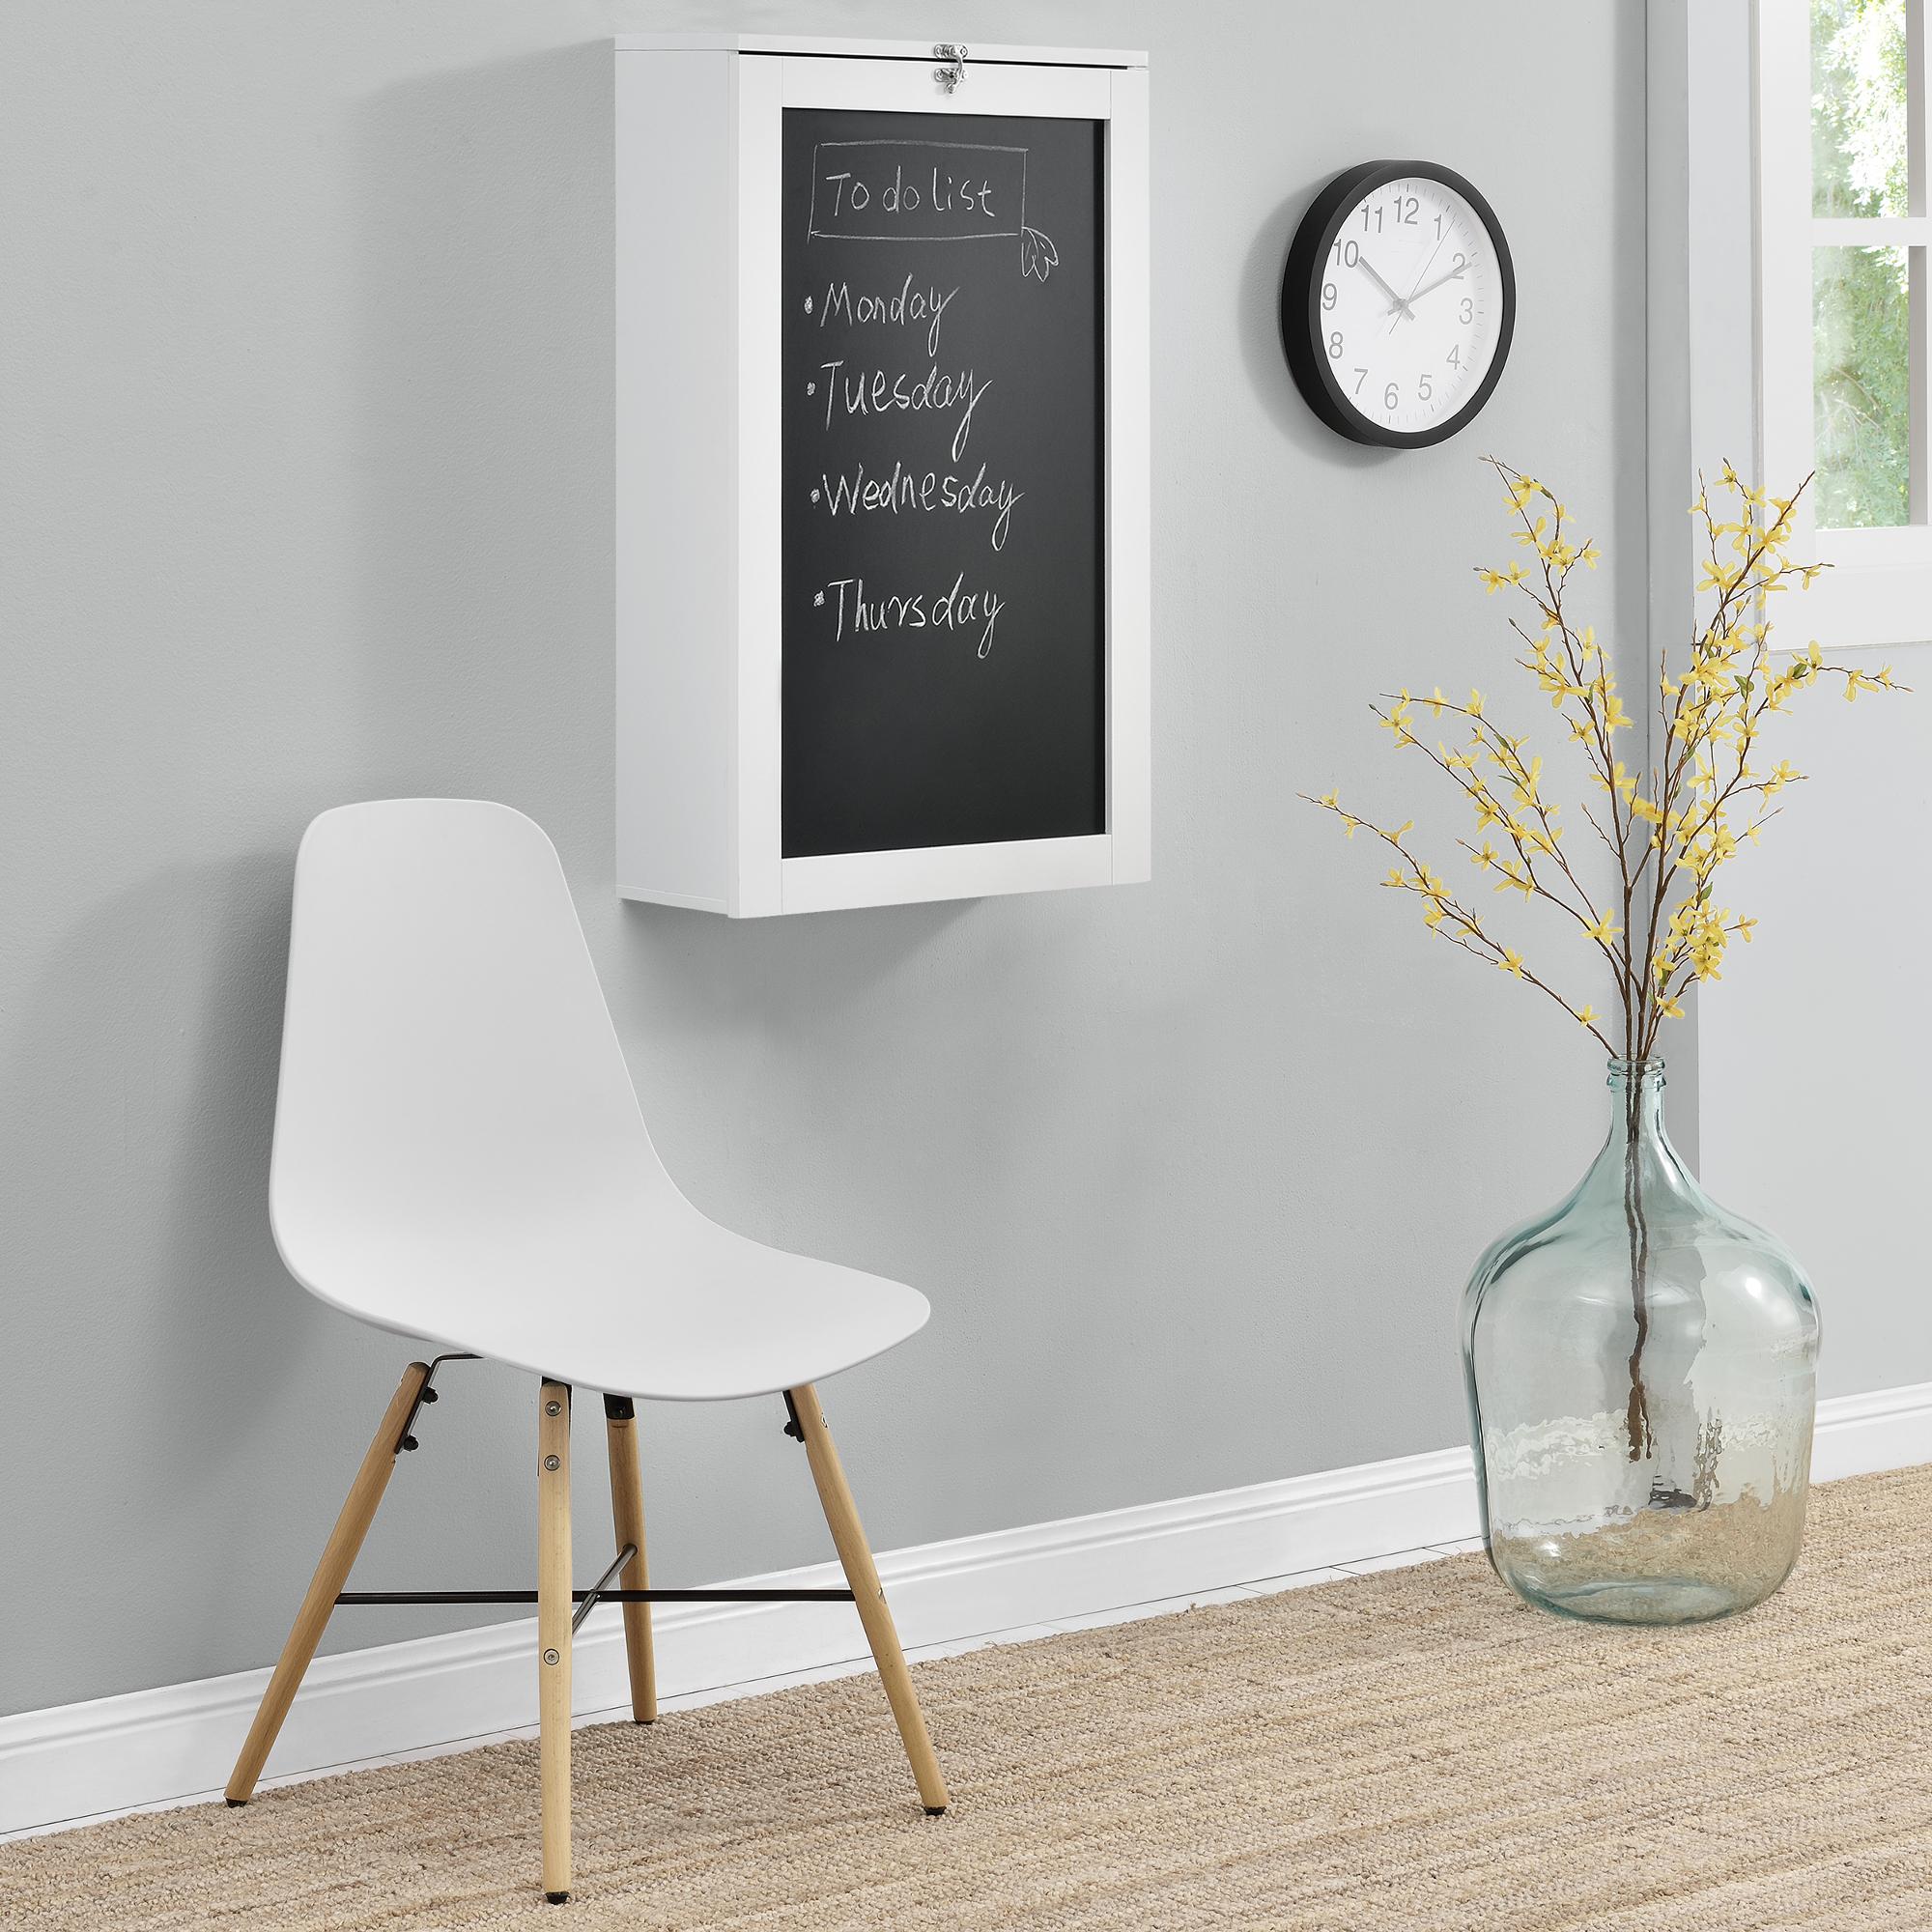 wandtisch wei schreibtisch tisch regal wand klapptisch aus klappbar ebay. Black Bedroom Furniture Sets. Home Design Ideas